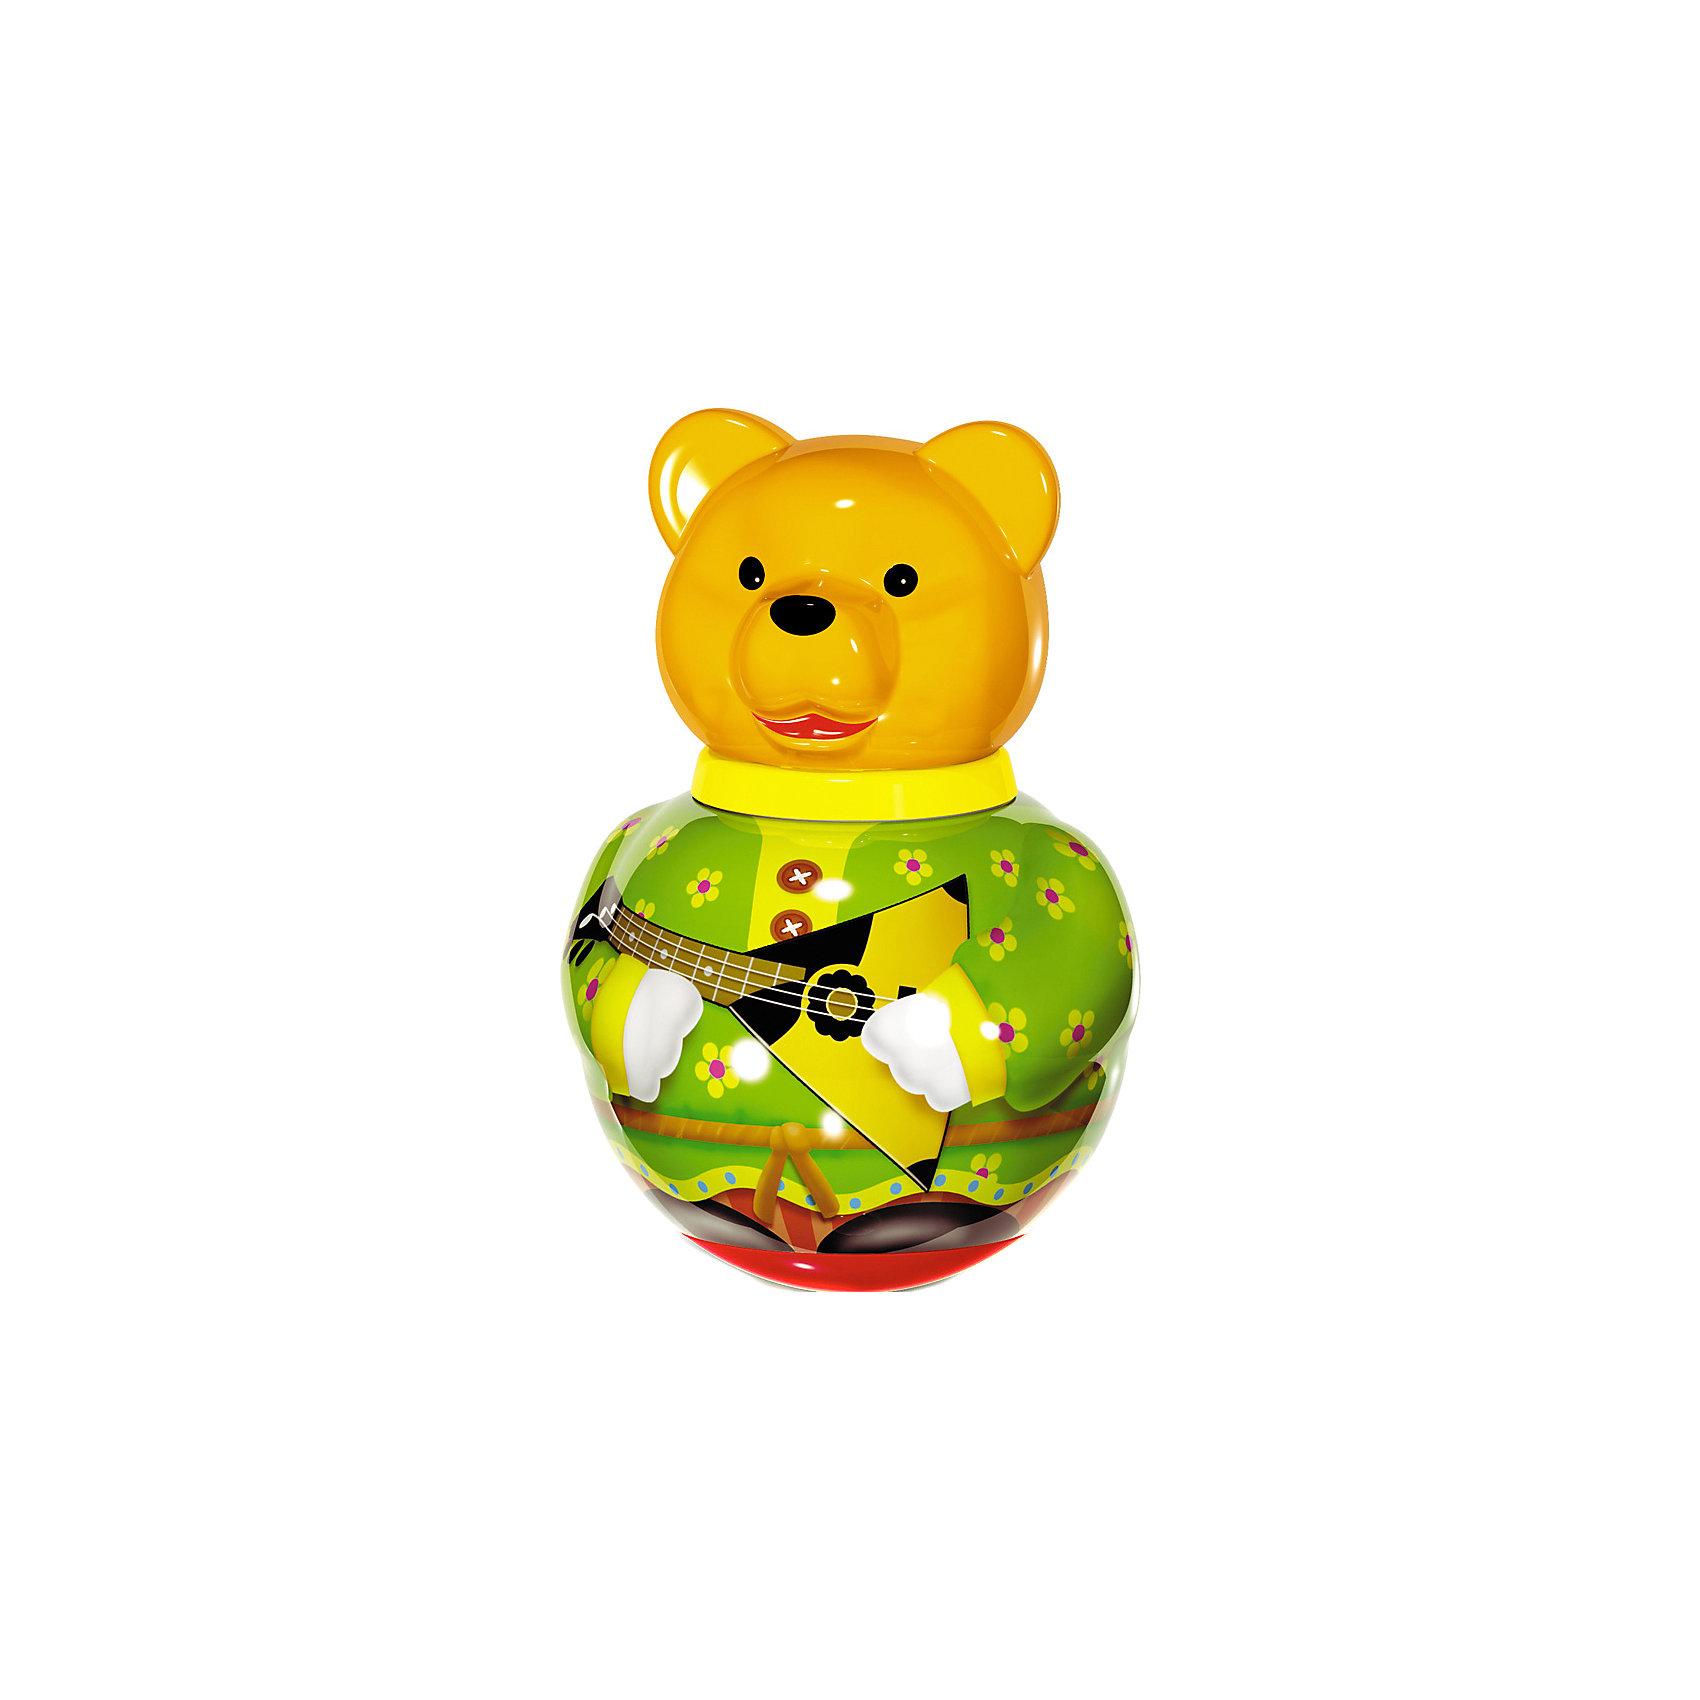 Неваляшка Бурый медведь Потапыч, в ассортименте, СтелларНеваляшка большая Бурый медведь Потапыч, Стеллар (Stellar) -яркая и привлекательная игрушка для ребенка. Эта забавная игрушка практически не может устоять на одном месте! Яркие цвета «костюма» медведя и перекатывающийся внутри игрушки шарик-погремушка надолго увлекут ребенка.<br><br>Игра с неваляшкой стимулирует познавательную деятельность, мелкую моторику рук, цветовое и звуковое восприятие.<br><br>Порадуйте малыша прекрасным подарком!<br><br>Дополнительная информация:<br><br>- Материал: пластмасса<br>- Высота игрушки: 280 мм<br>- Размер упаковки: 180 х 180 х 280 мм<br>- Вес: 660 г.<br><br>Игрушку Неваляшка большая Бурый медведь Потапыч, Стеллар (Stellar) можно купить в нашем интернет-магазине.<br><br>Ширина мм: 180<br>Глубина мм: 180<br>Высота мм: 280<br>Вес г: 660<br>Возраст от месяцев: 6<br>Возраст до месяцев: 18<br>Пол: Унисекс<br>Возраст: Детский<br>SKU: 3362099